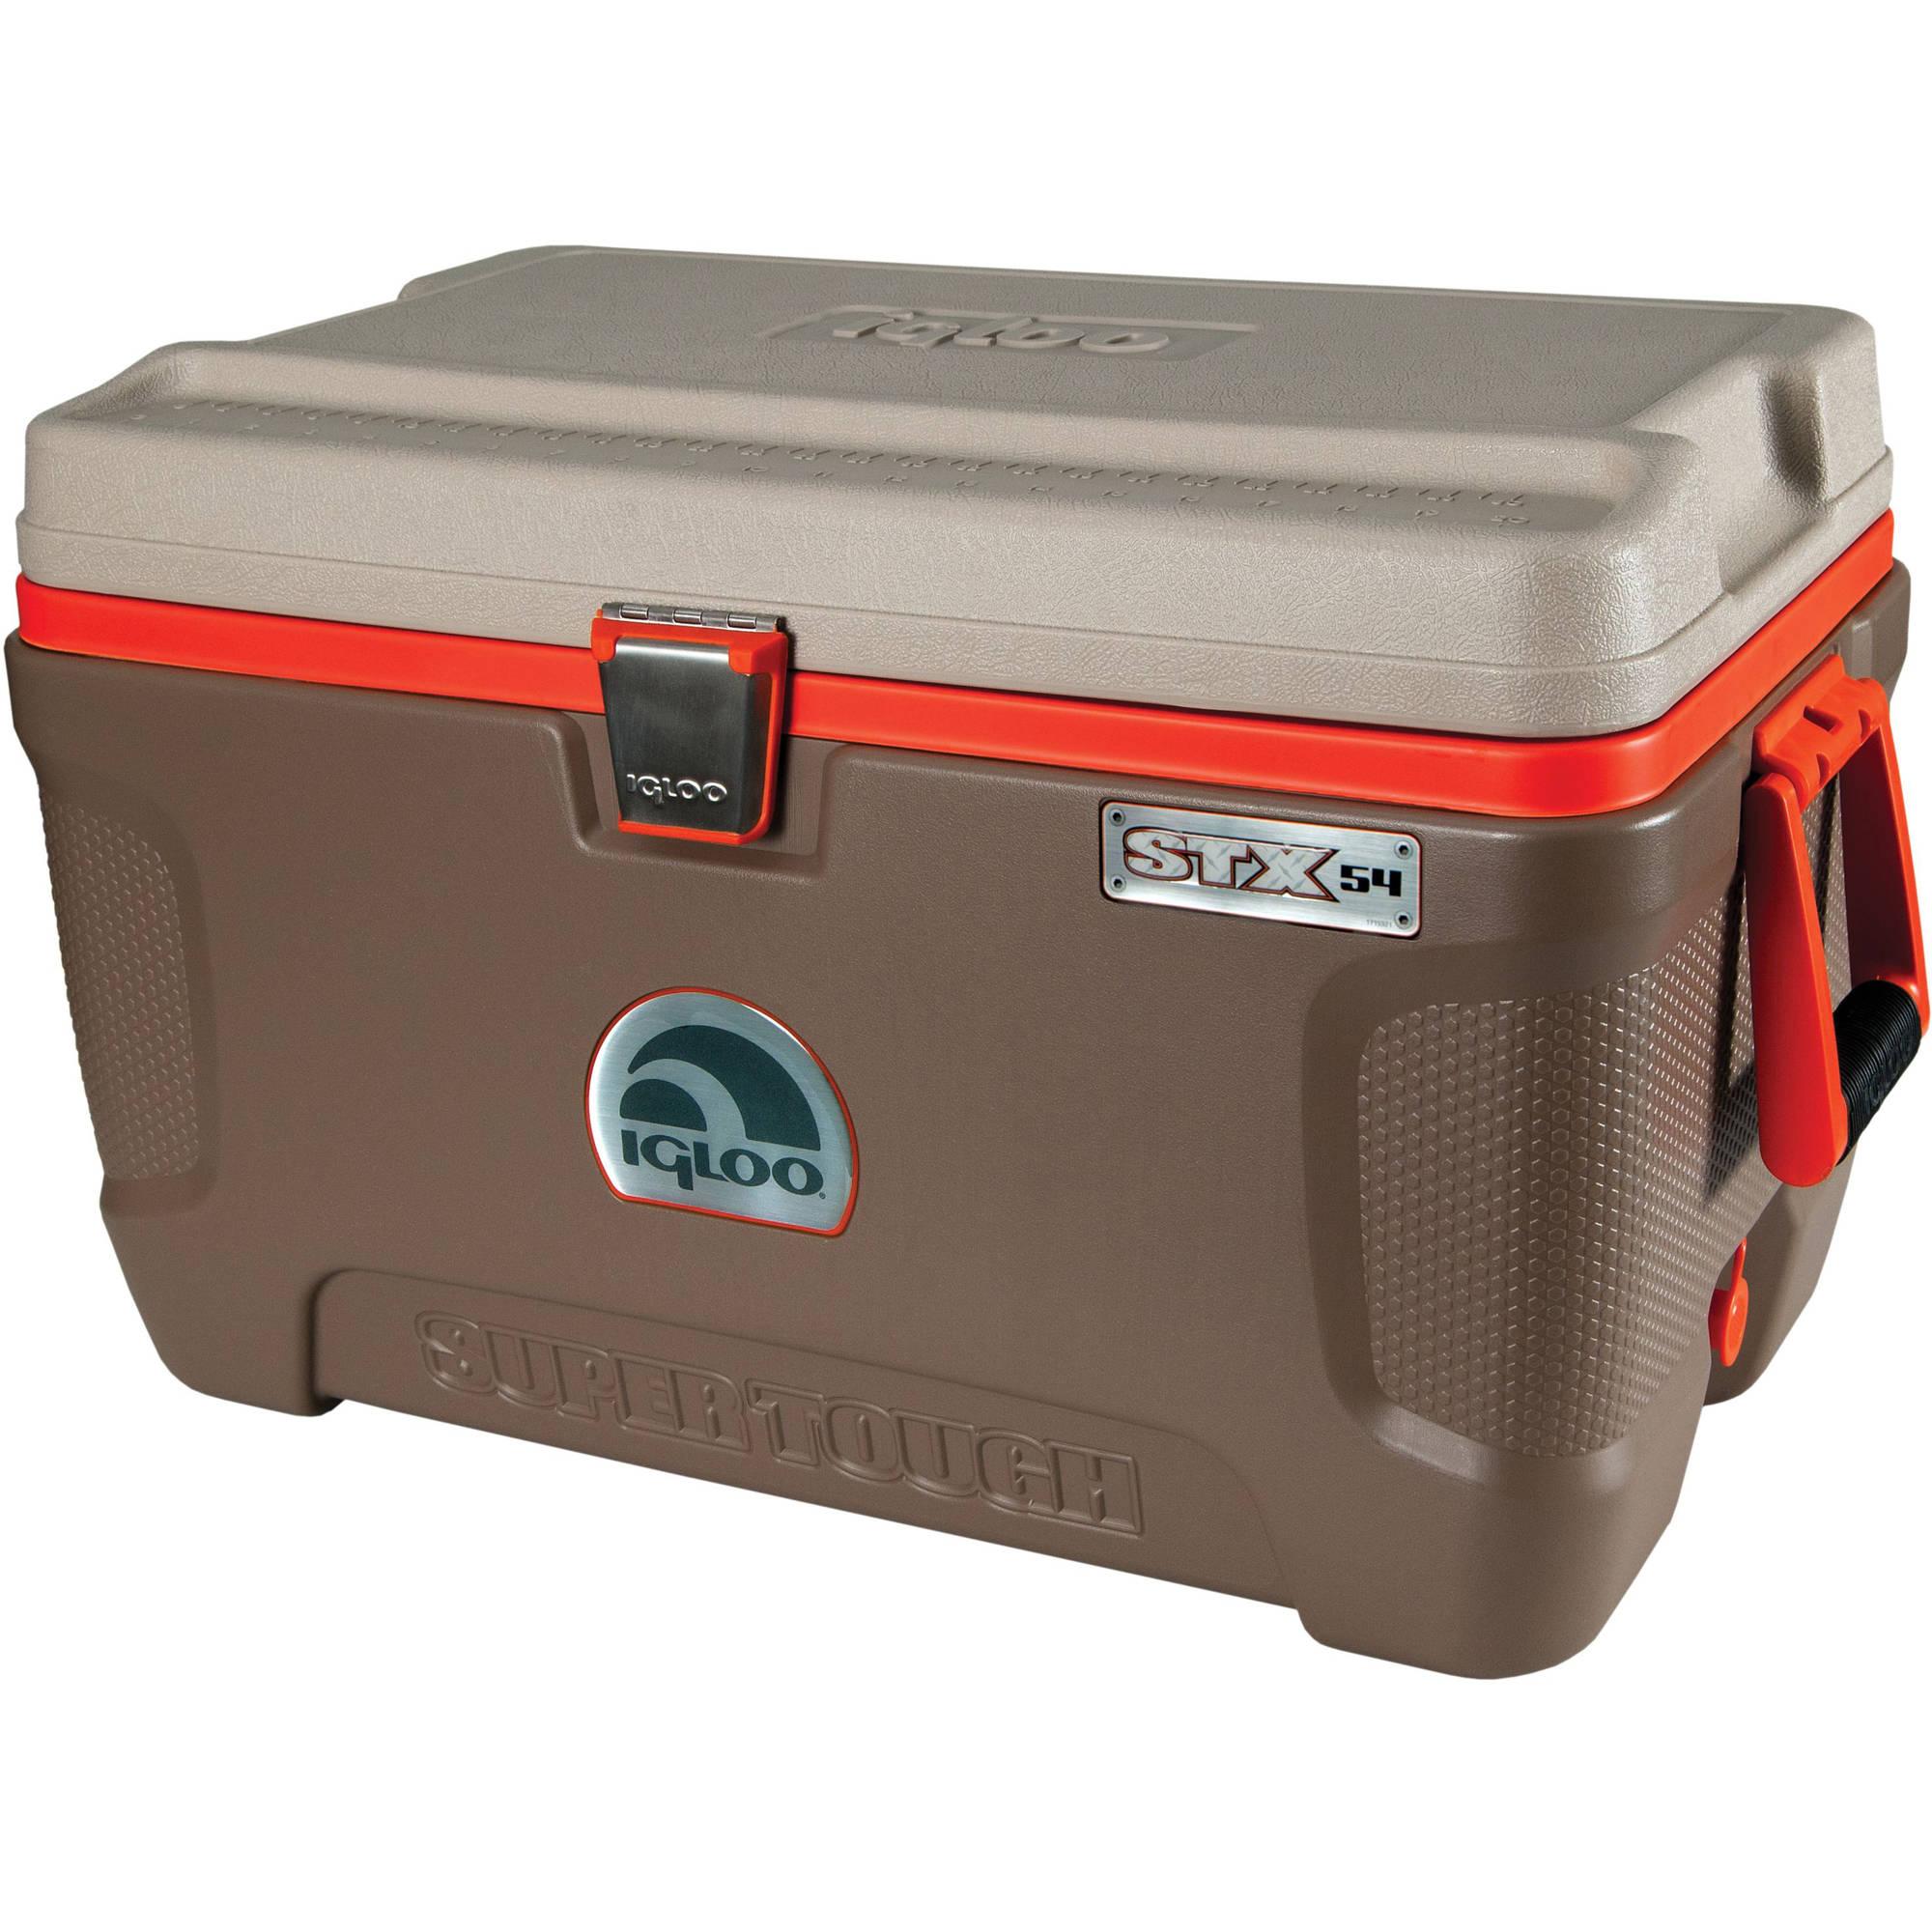 Igloo 54-Quart Super-Tough STX Cooler